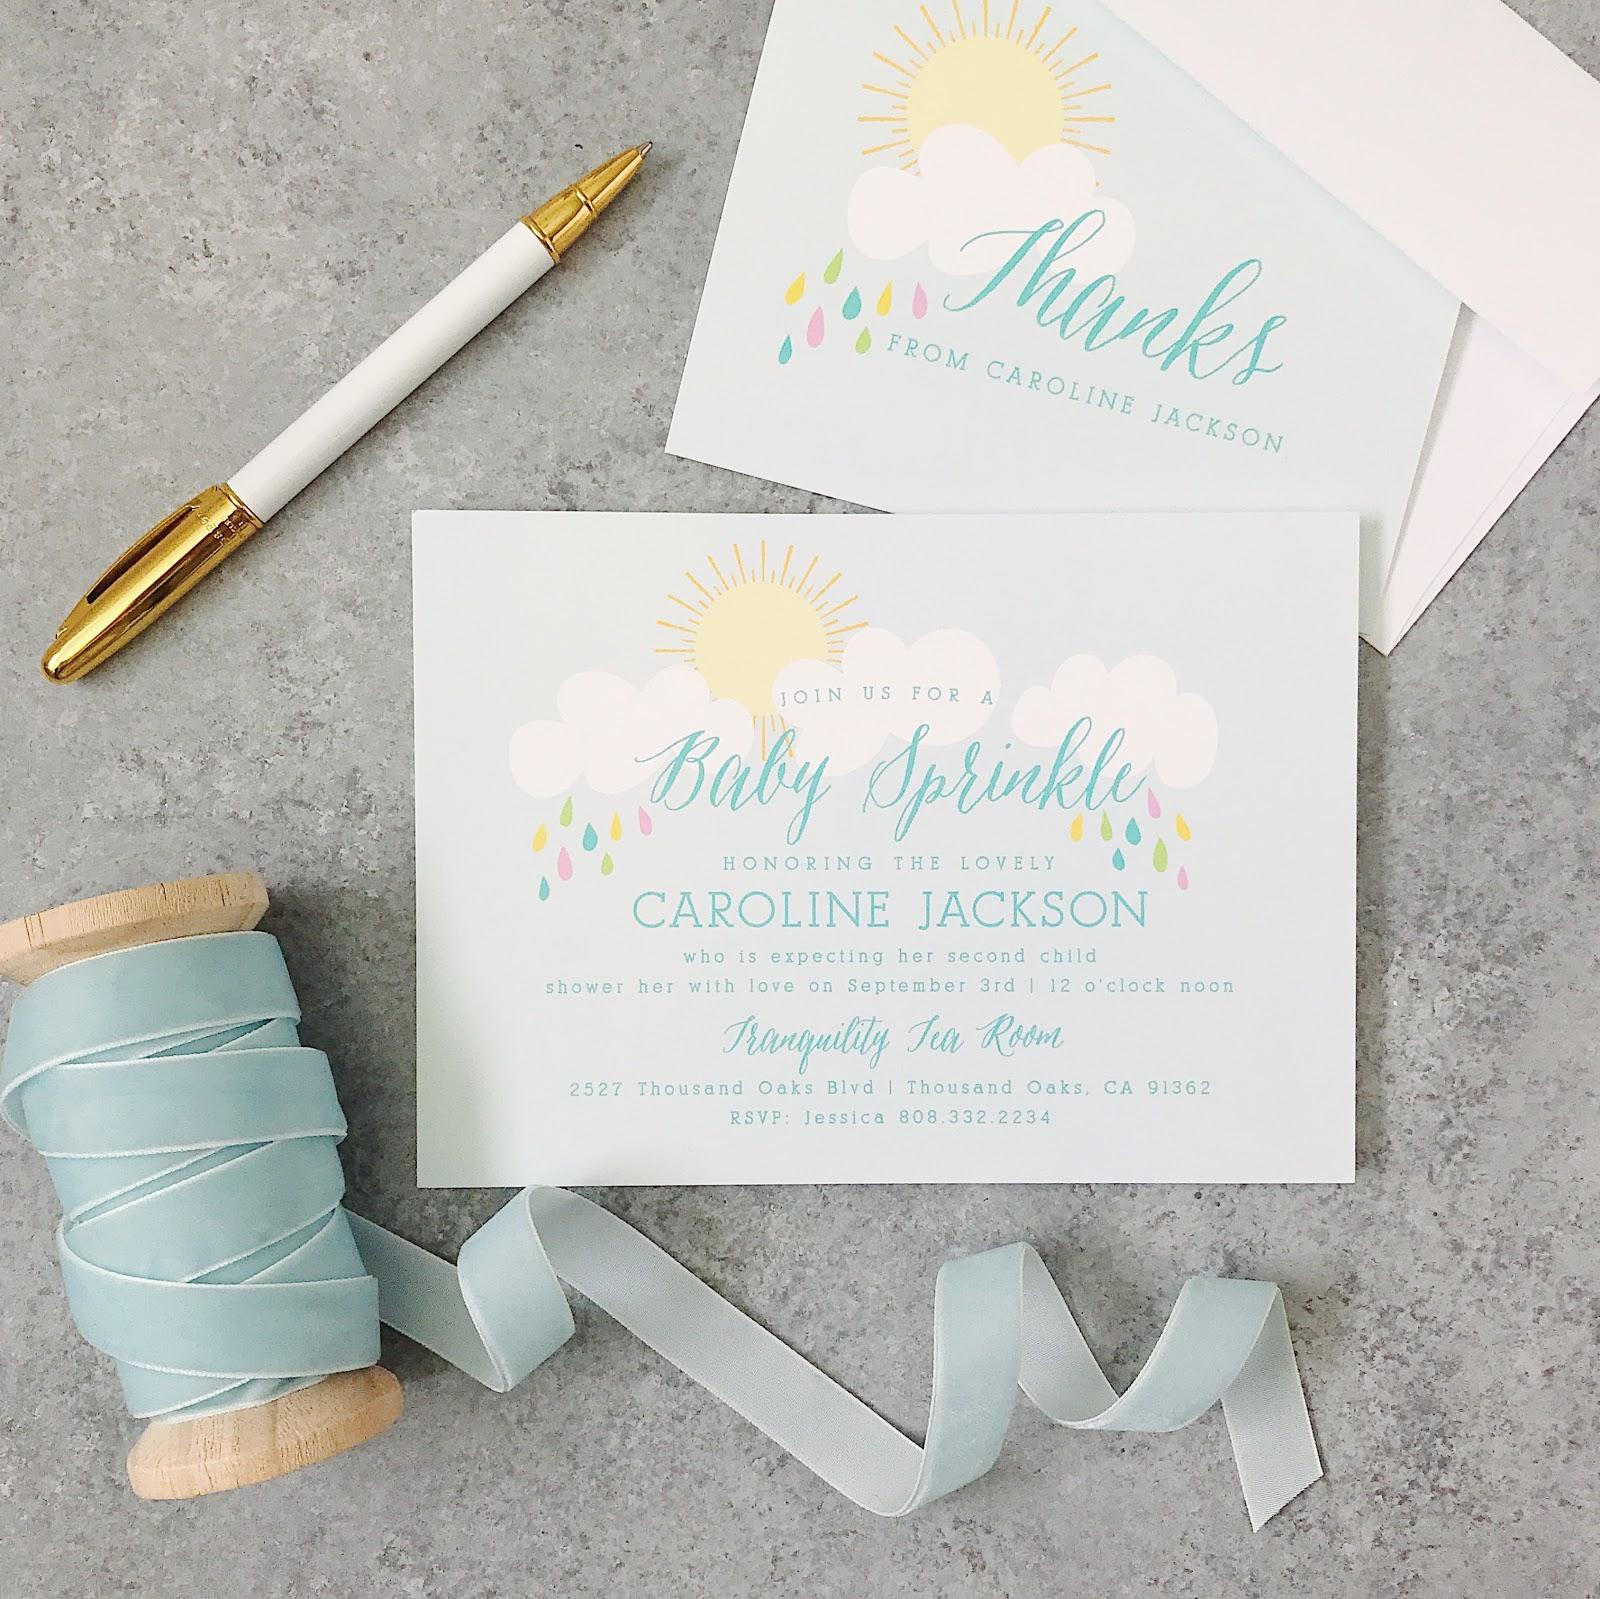 Basic Invite Stationery